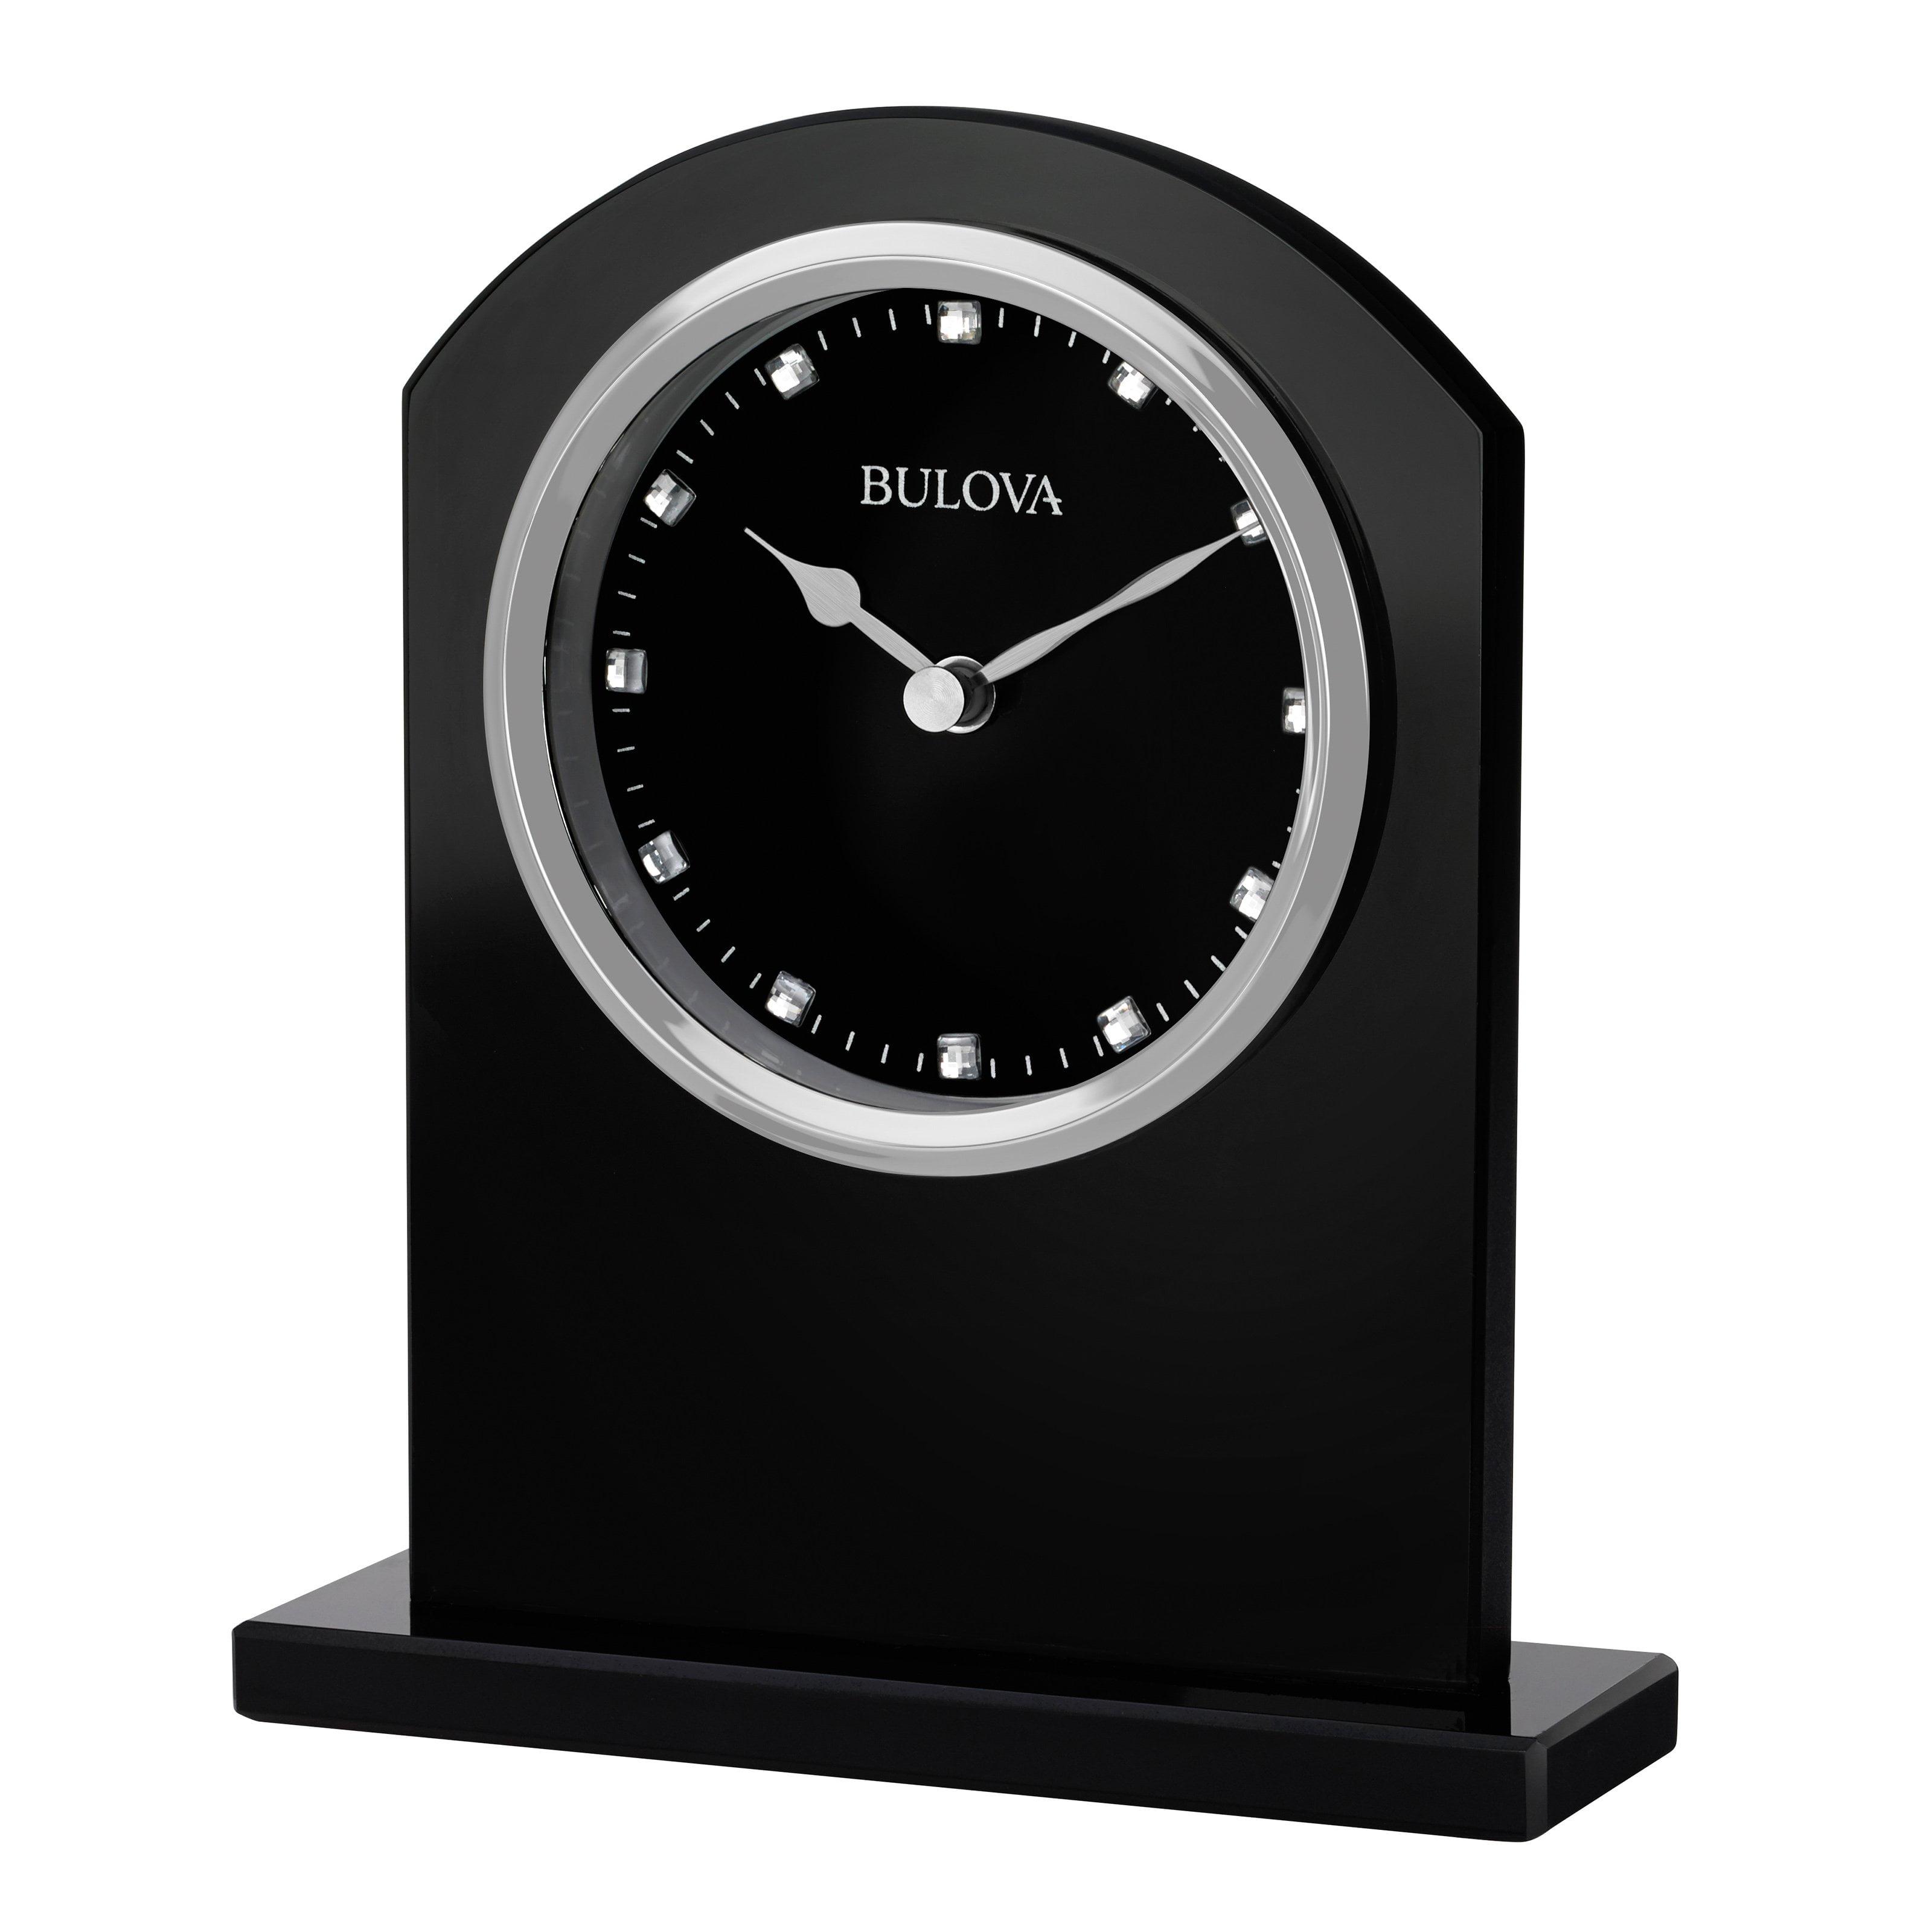 Bulova Ebony Crystal Desk Clock by Bulova